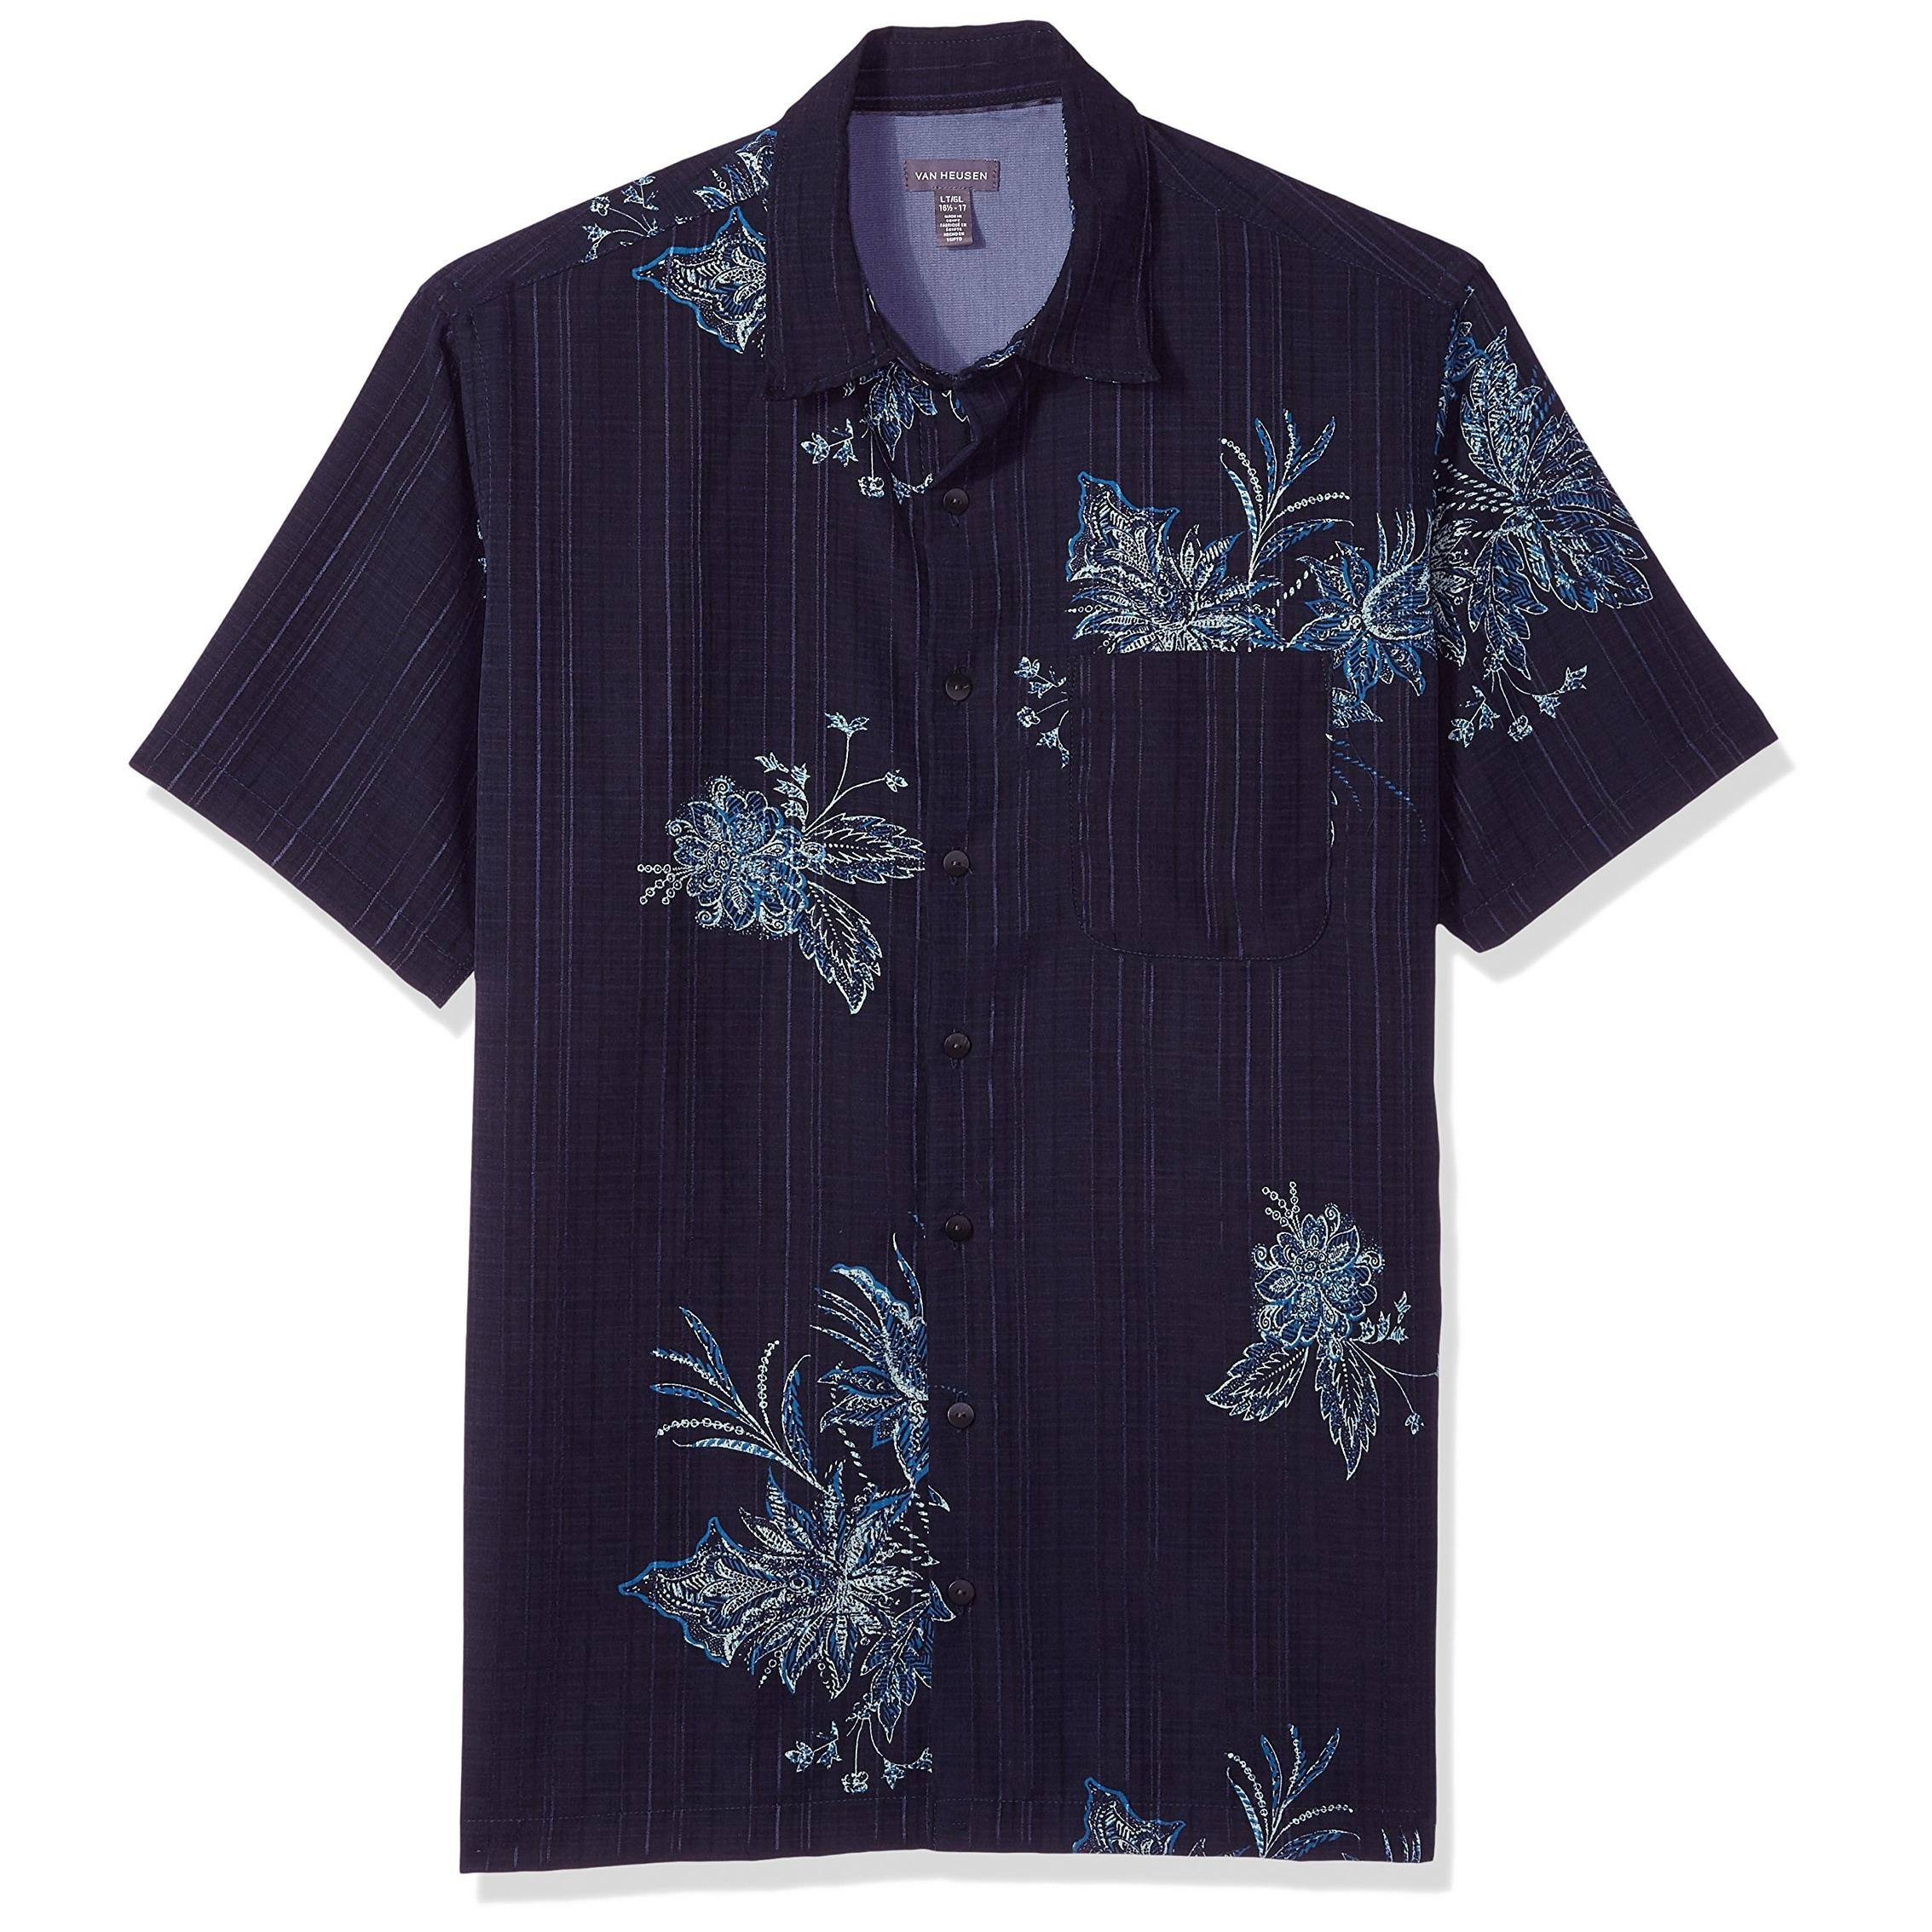 6868ffff66 Van Heusen Shirts